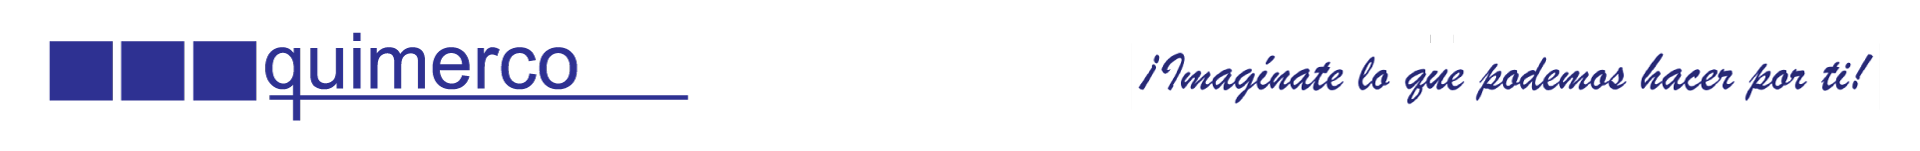 Quimerco